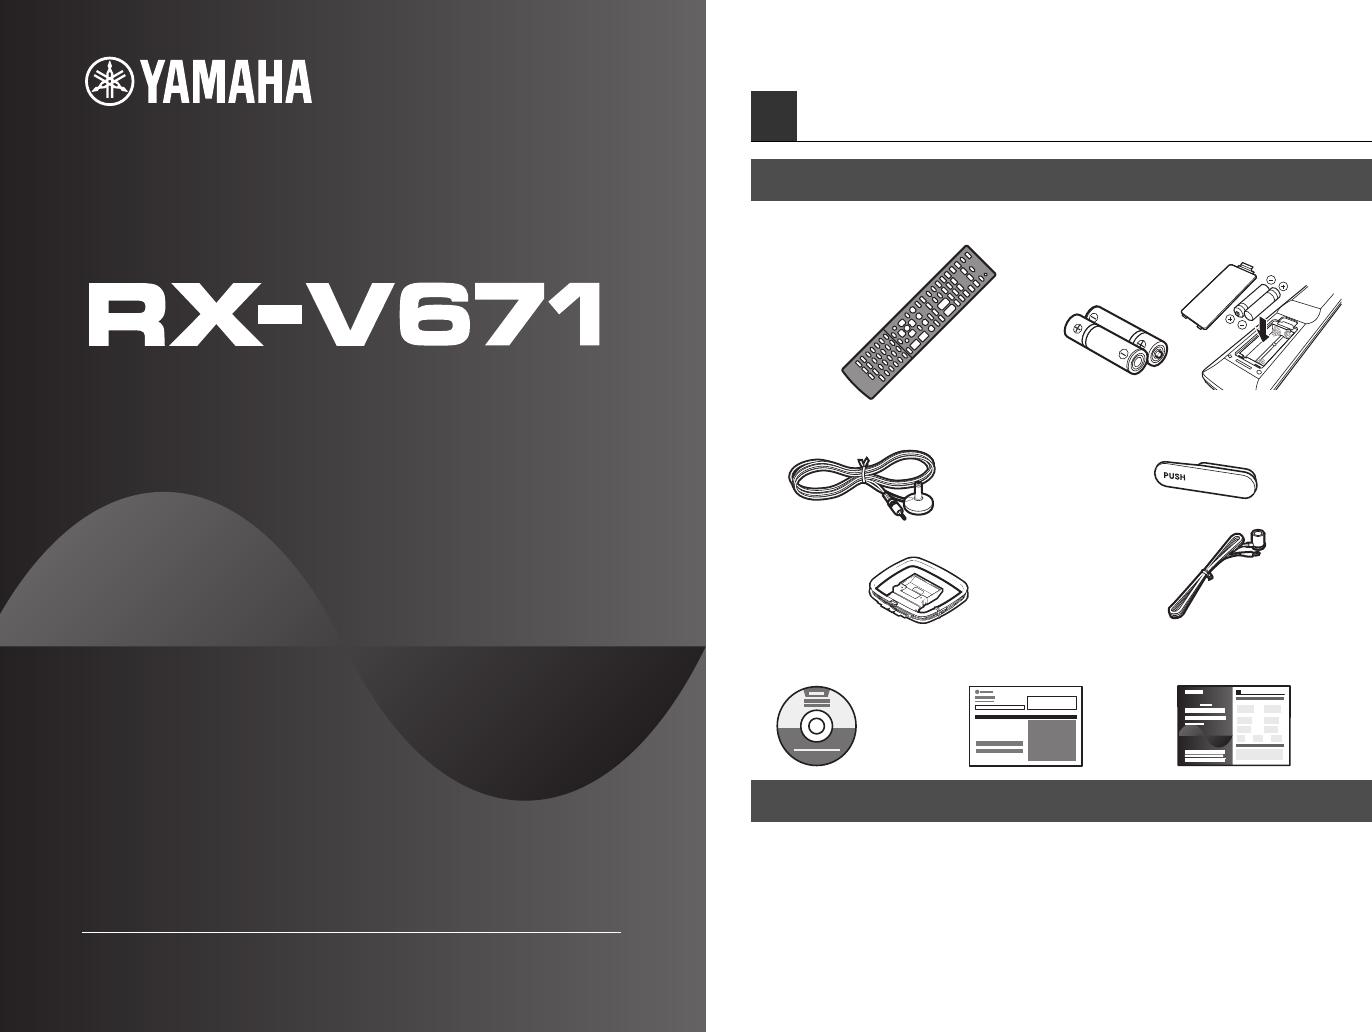 Yamaha 01EN_RX V671_esg_U_for_CD RX V671 Easy Setup Guide Esg En